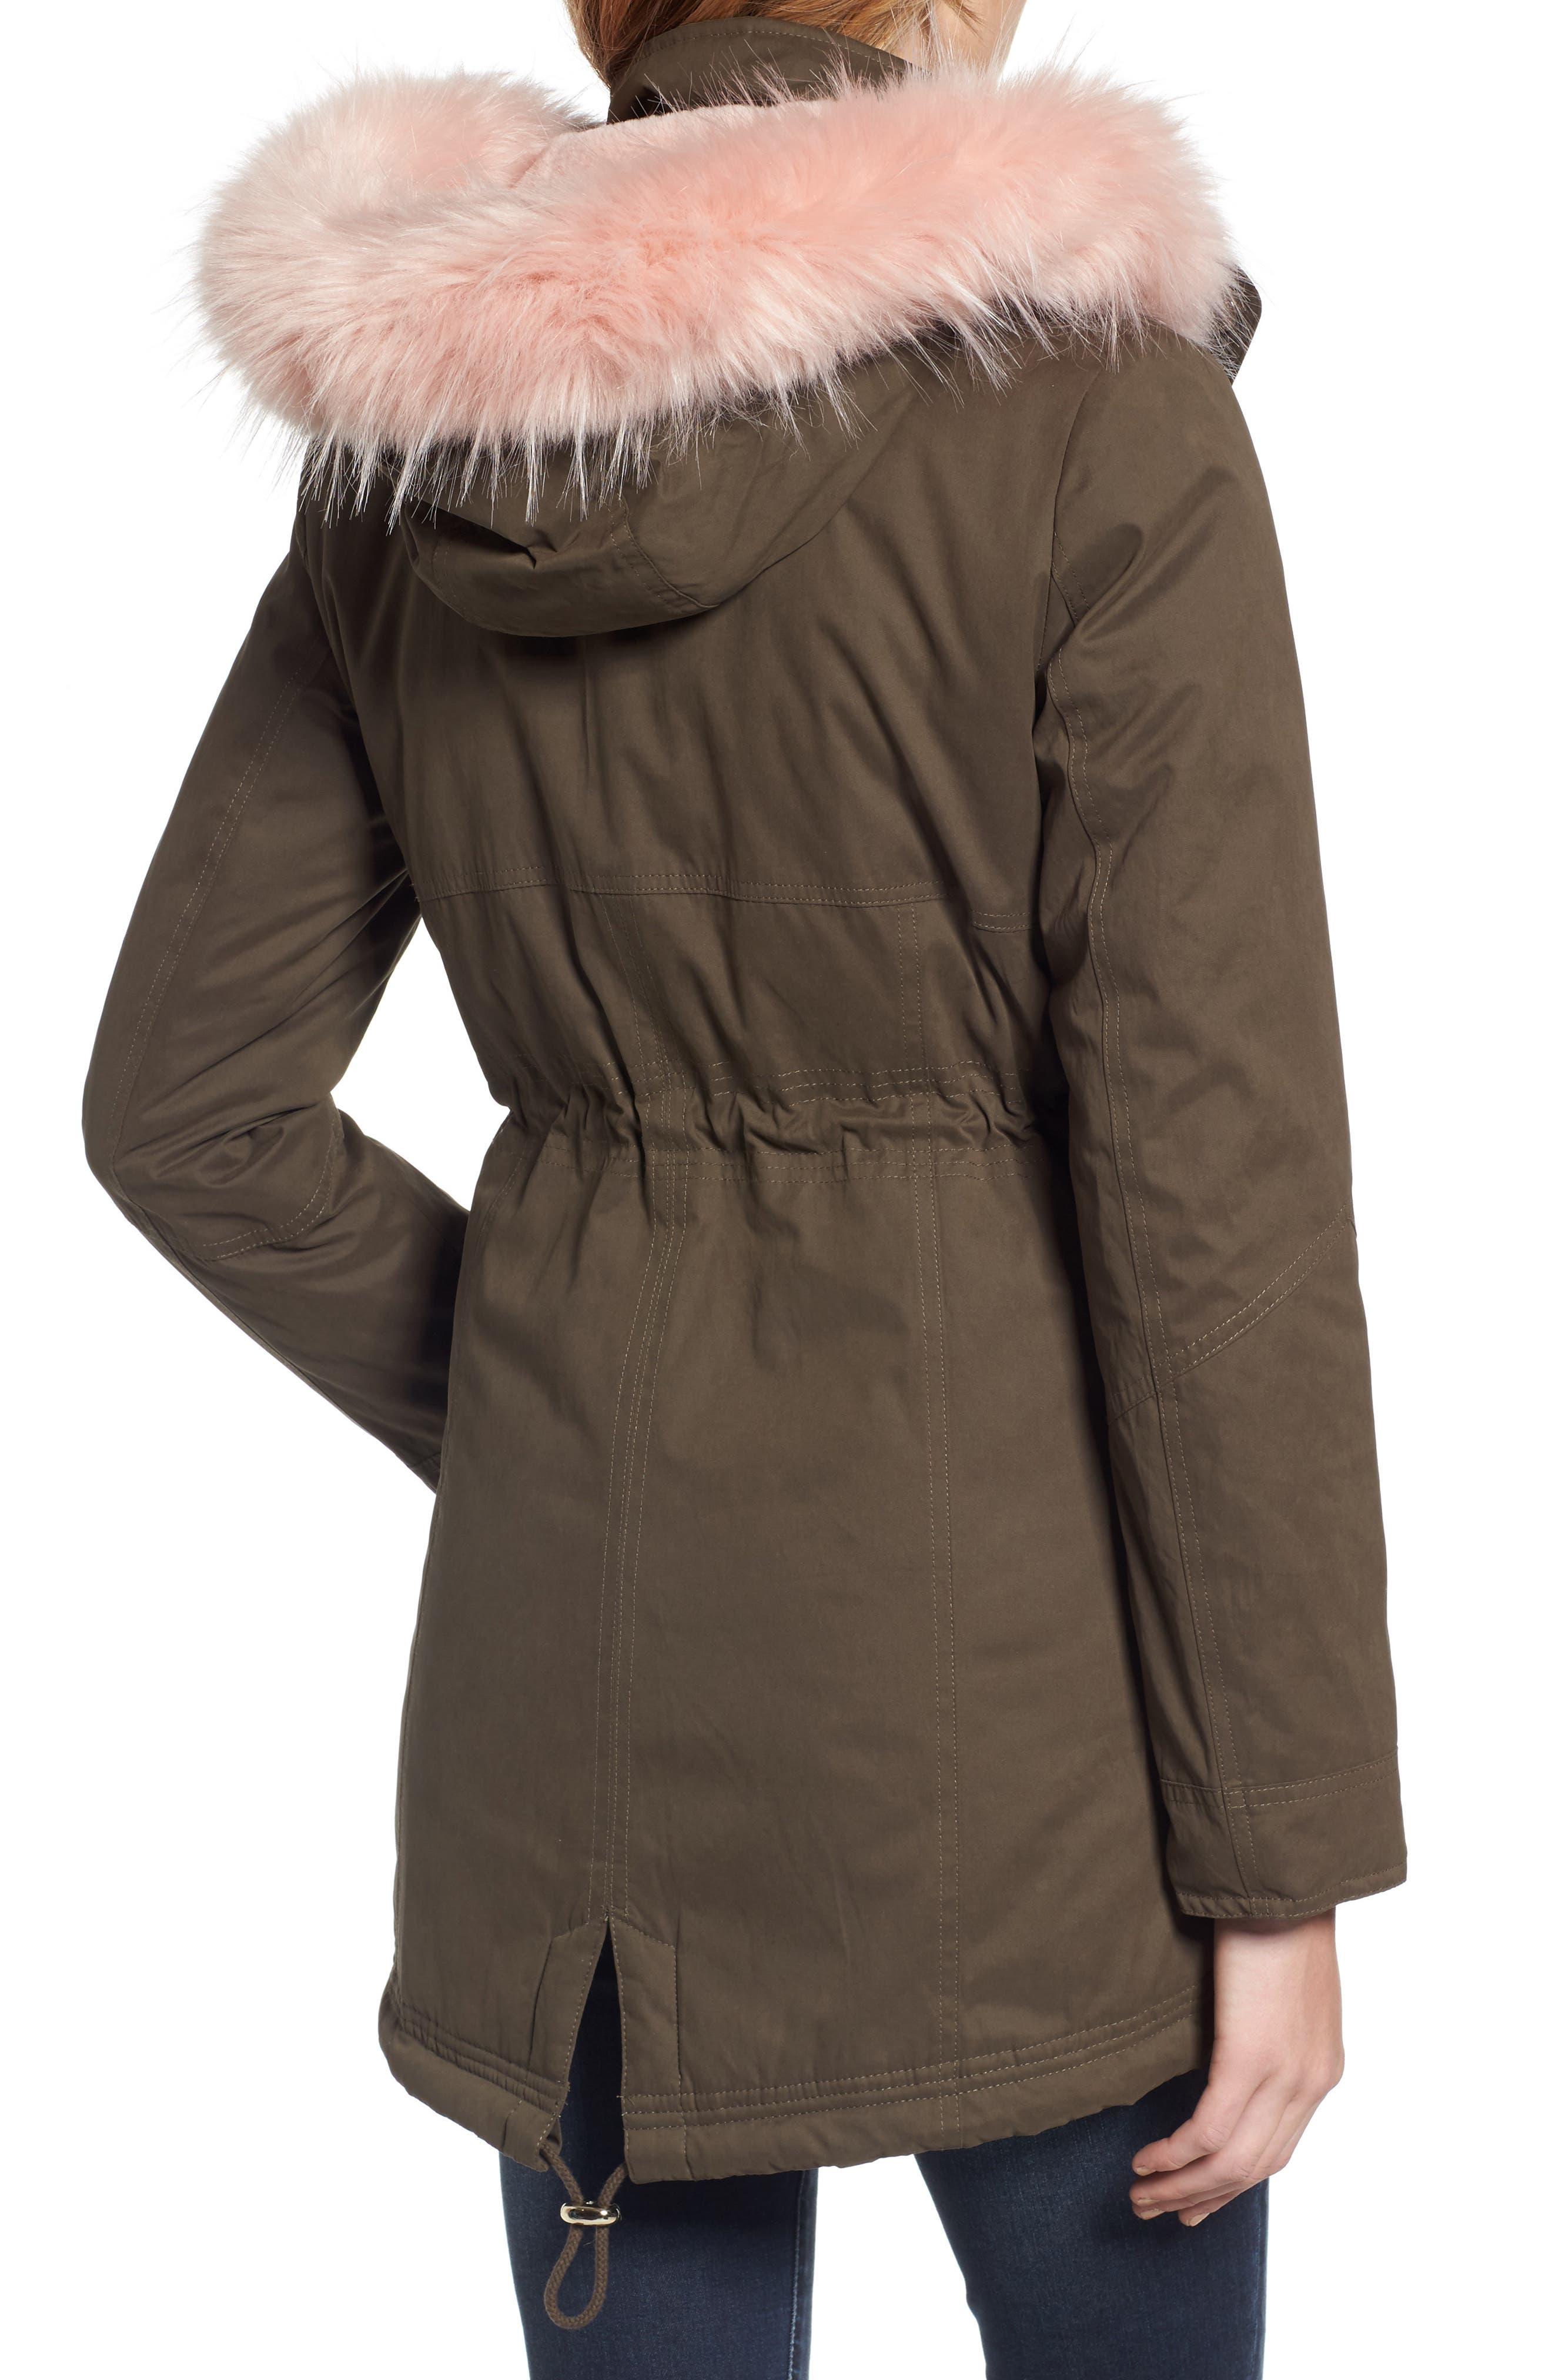 Parka with Removable Faux Fur Trim Hood,                             Alternate thumbnail 2, color,                             385